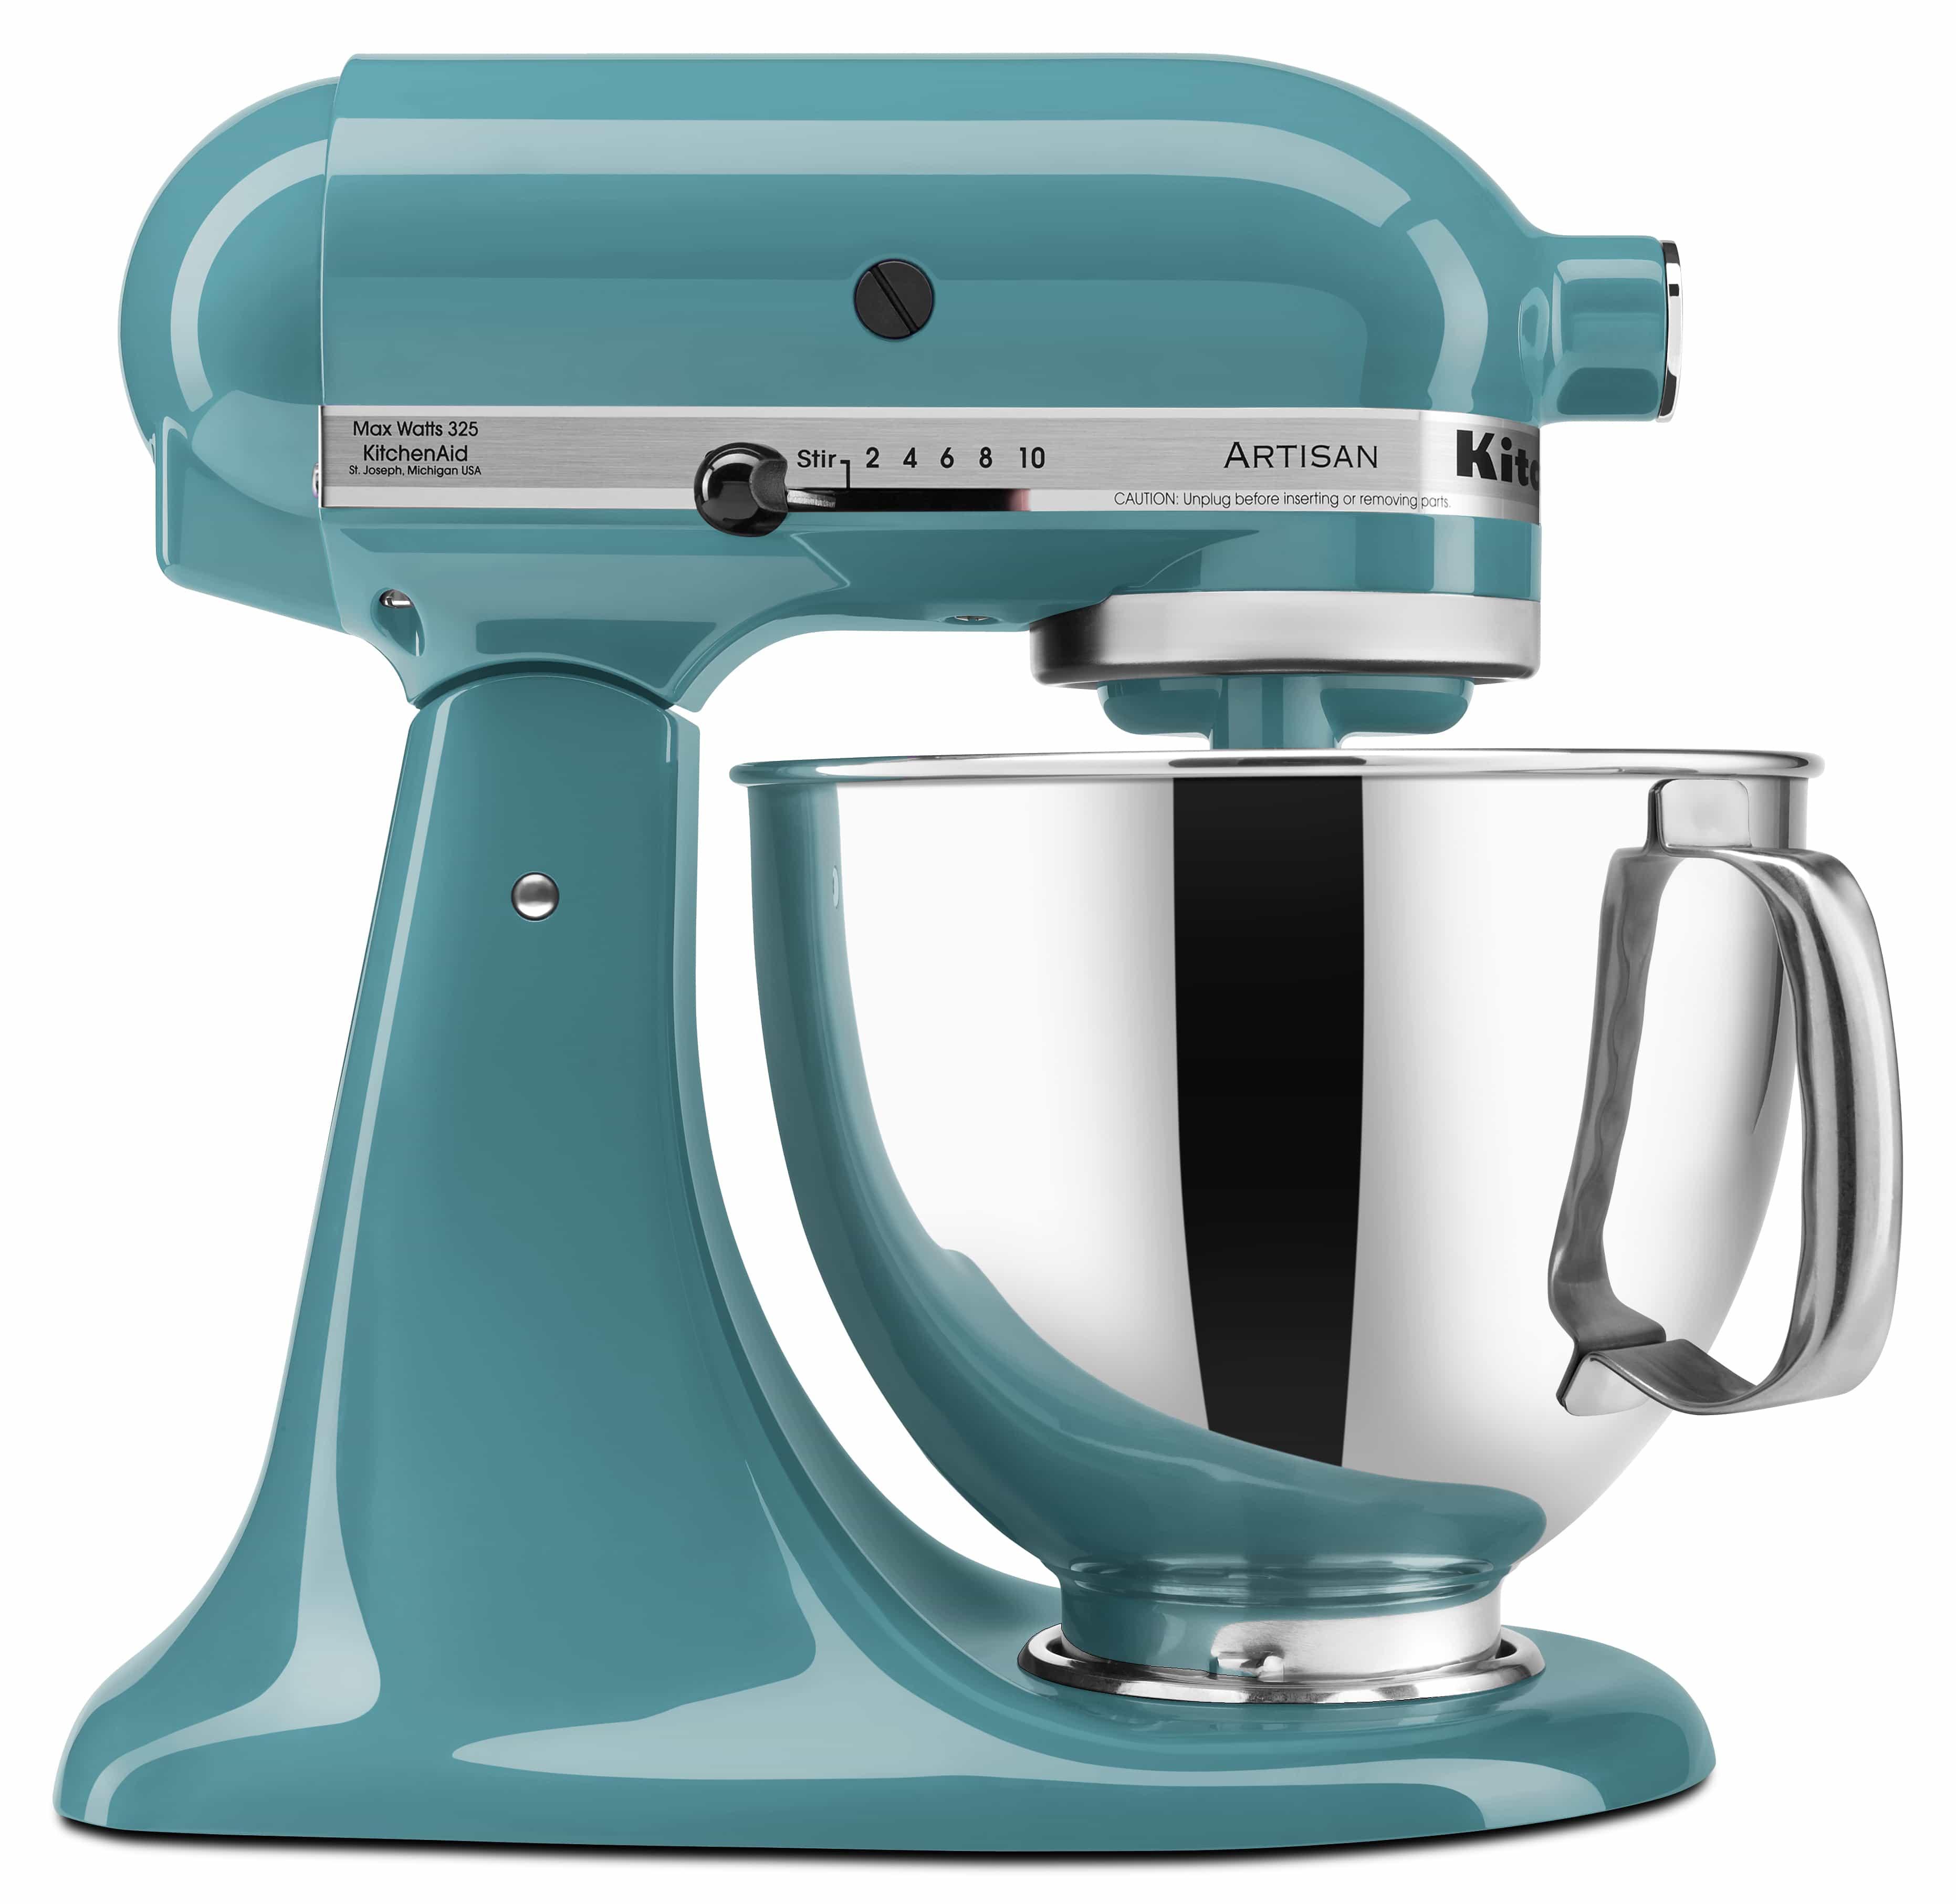 KitchenAid Classic Plus vs KitchenAid Artisan Stand Mixer